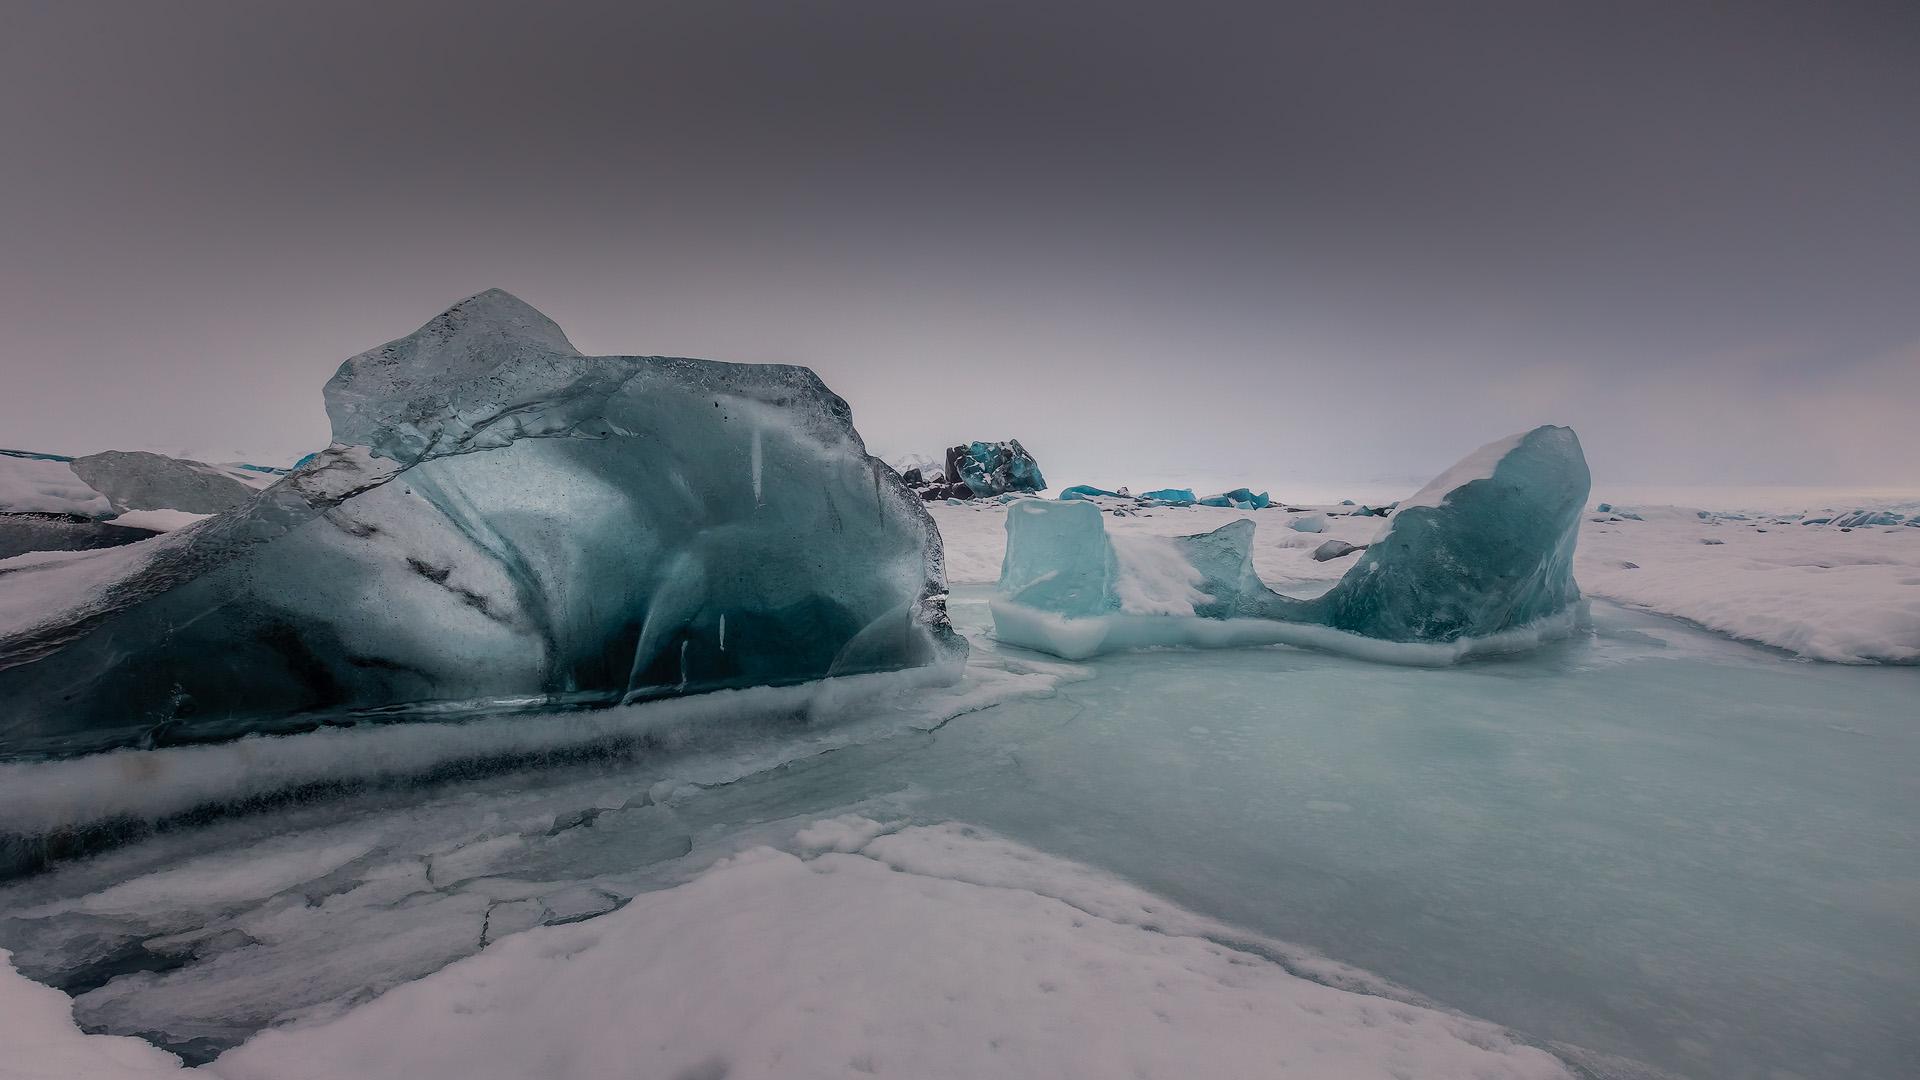 ijsland feb 2019-588 kopiëren.jpg